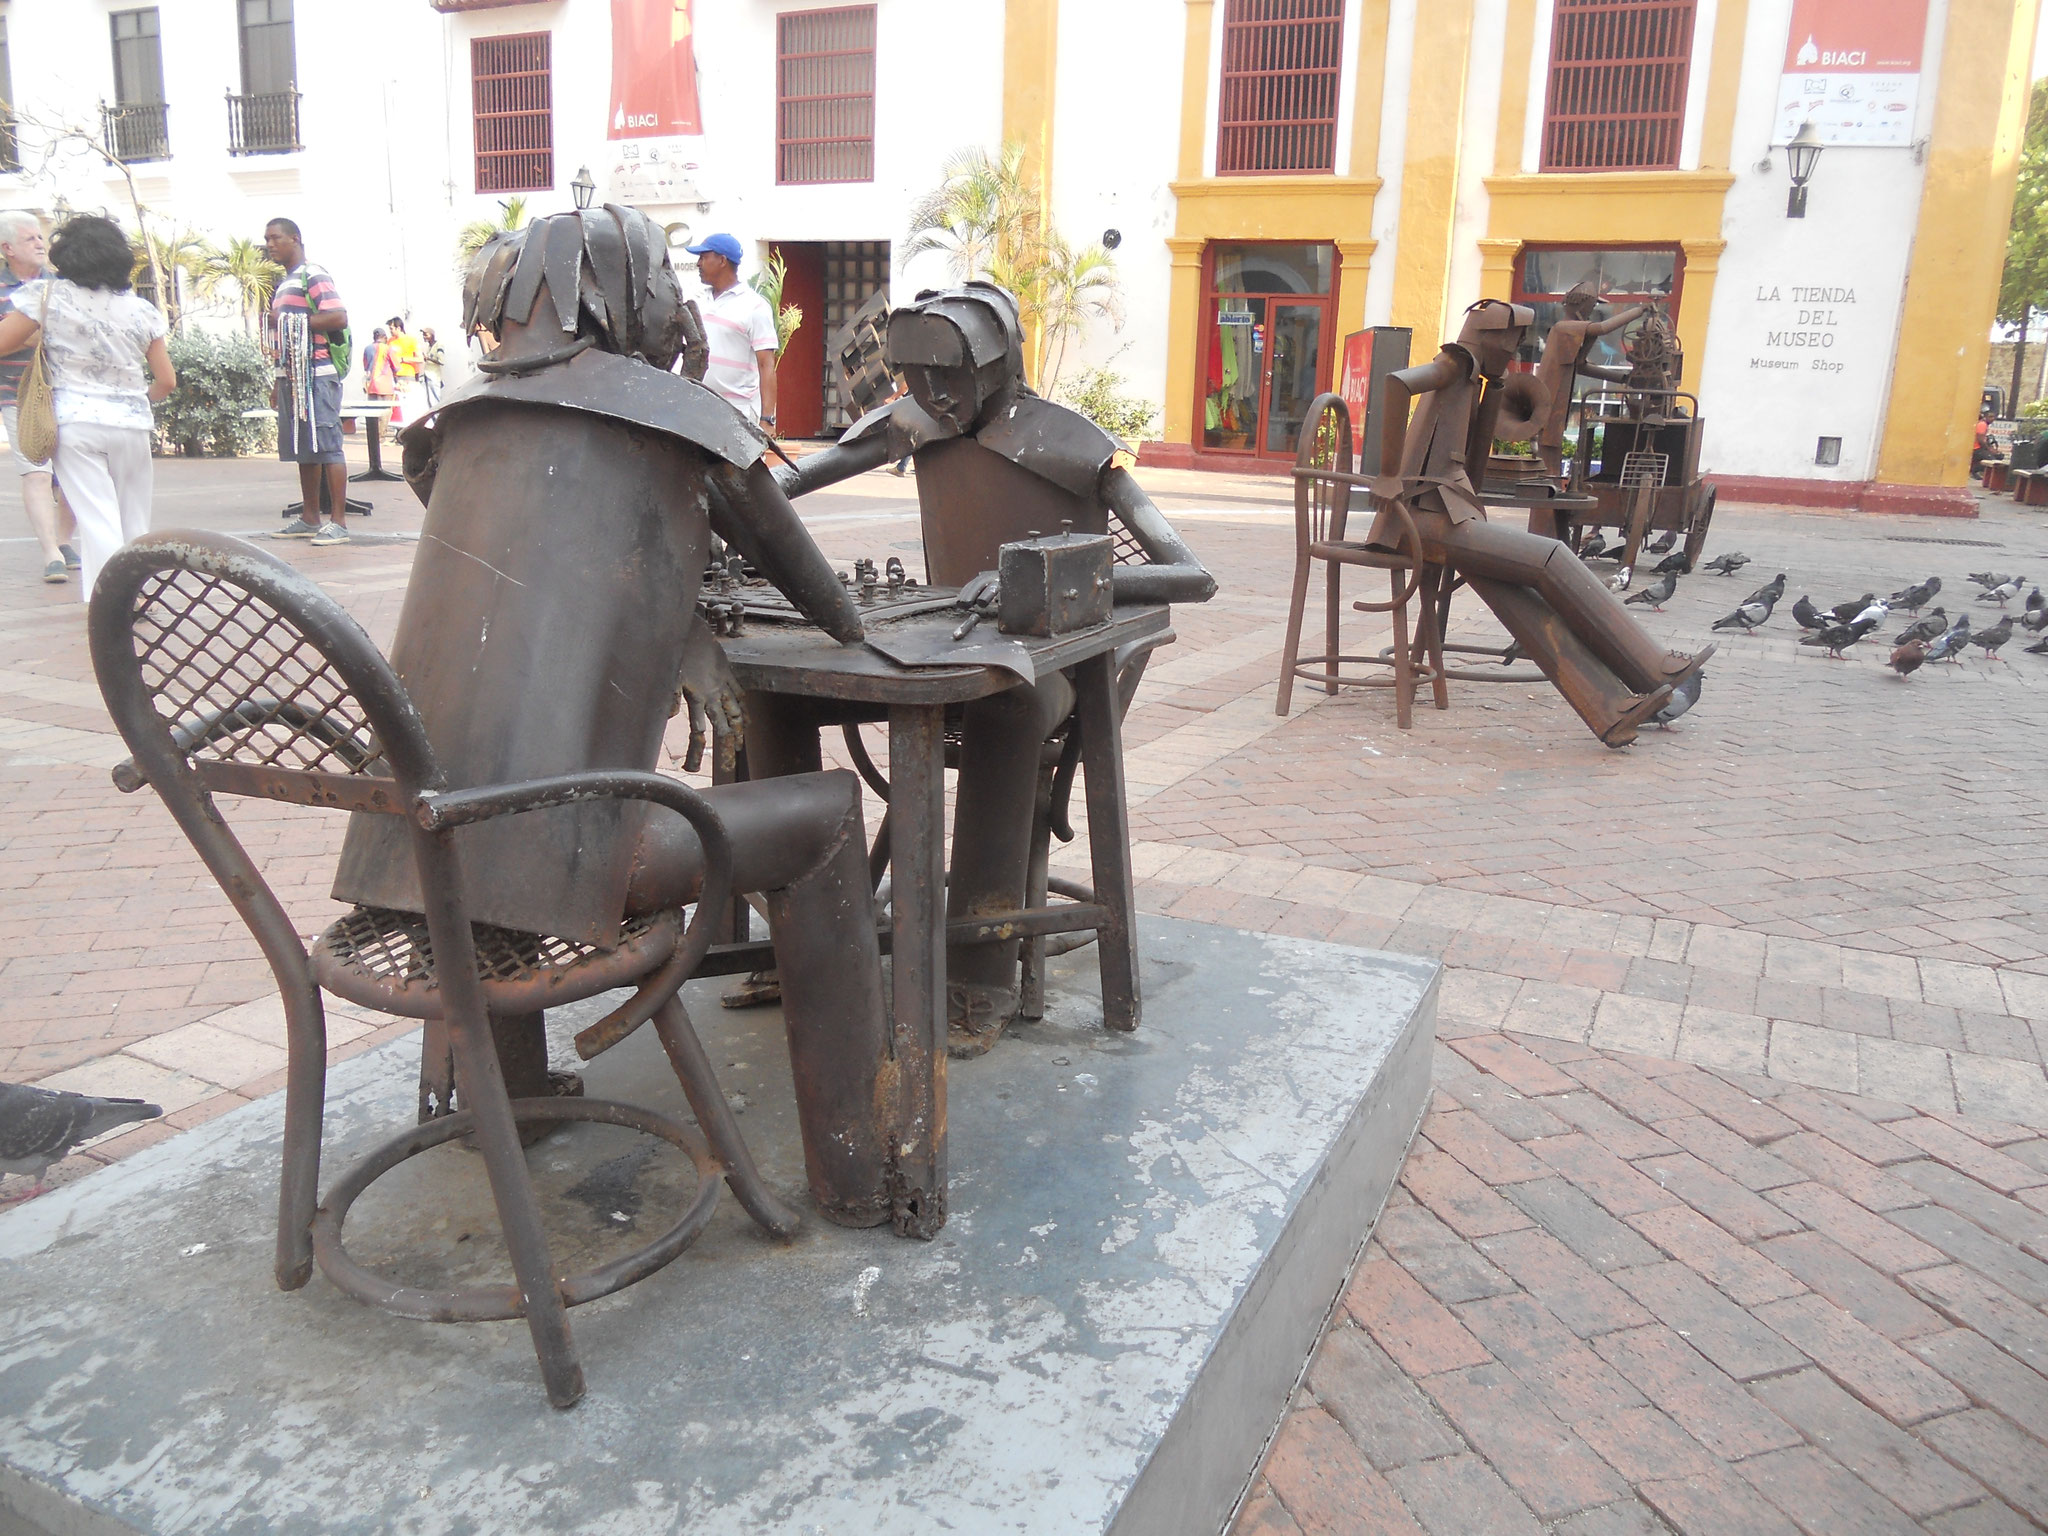 Schachspieler in Cartagena ©DanielGreiner